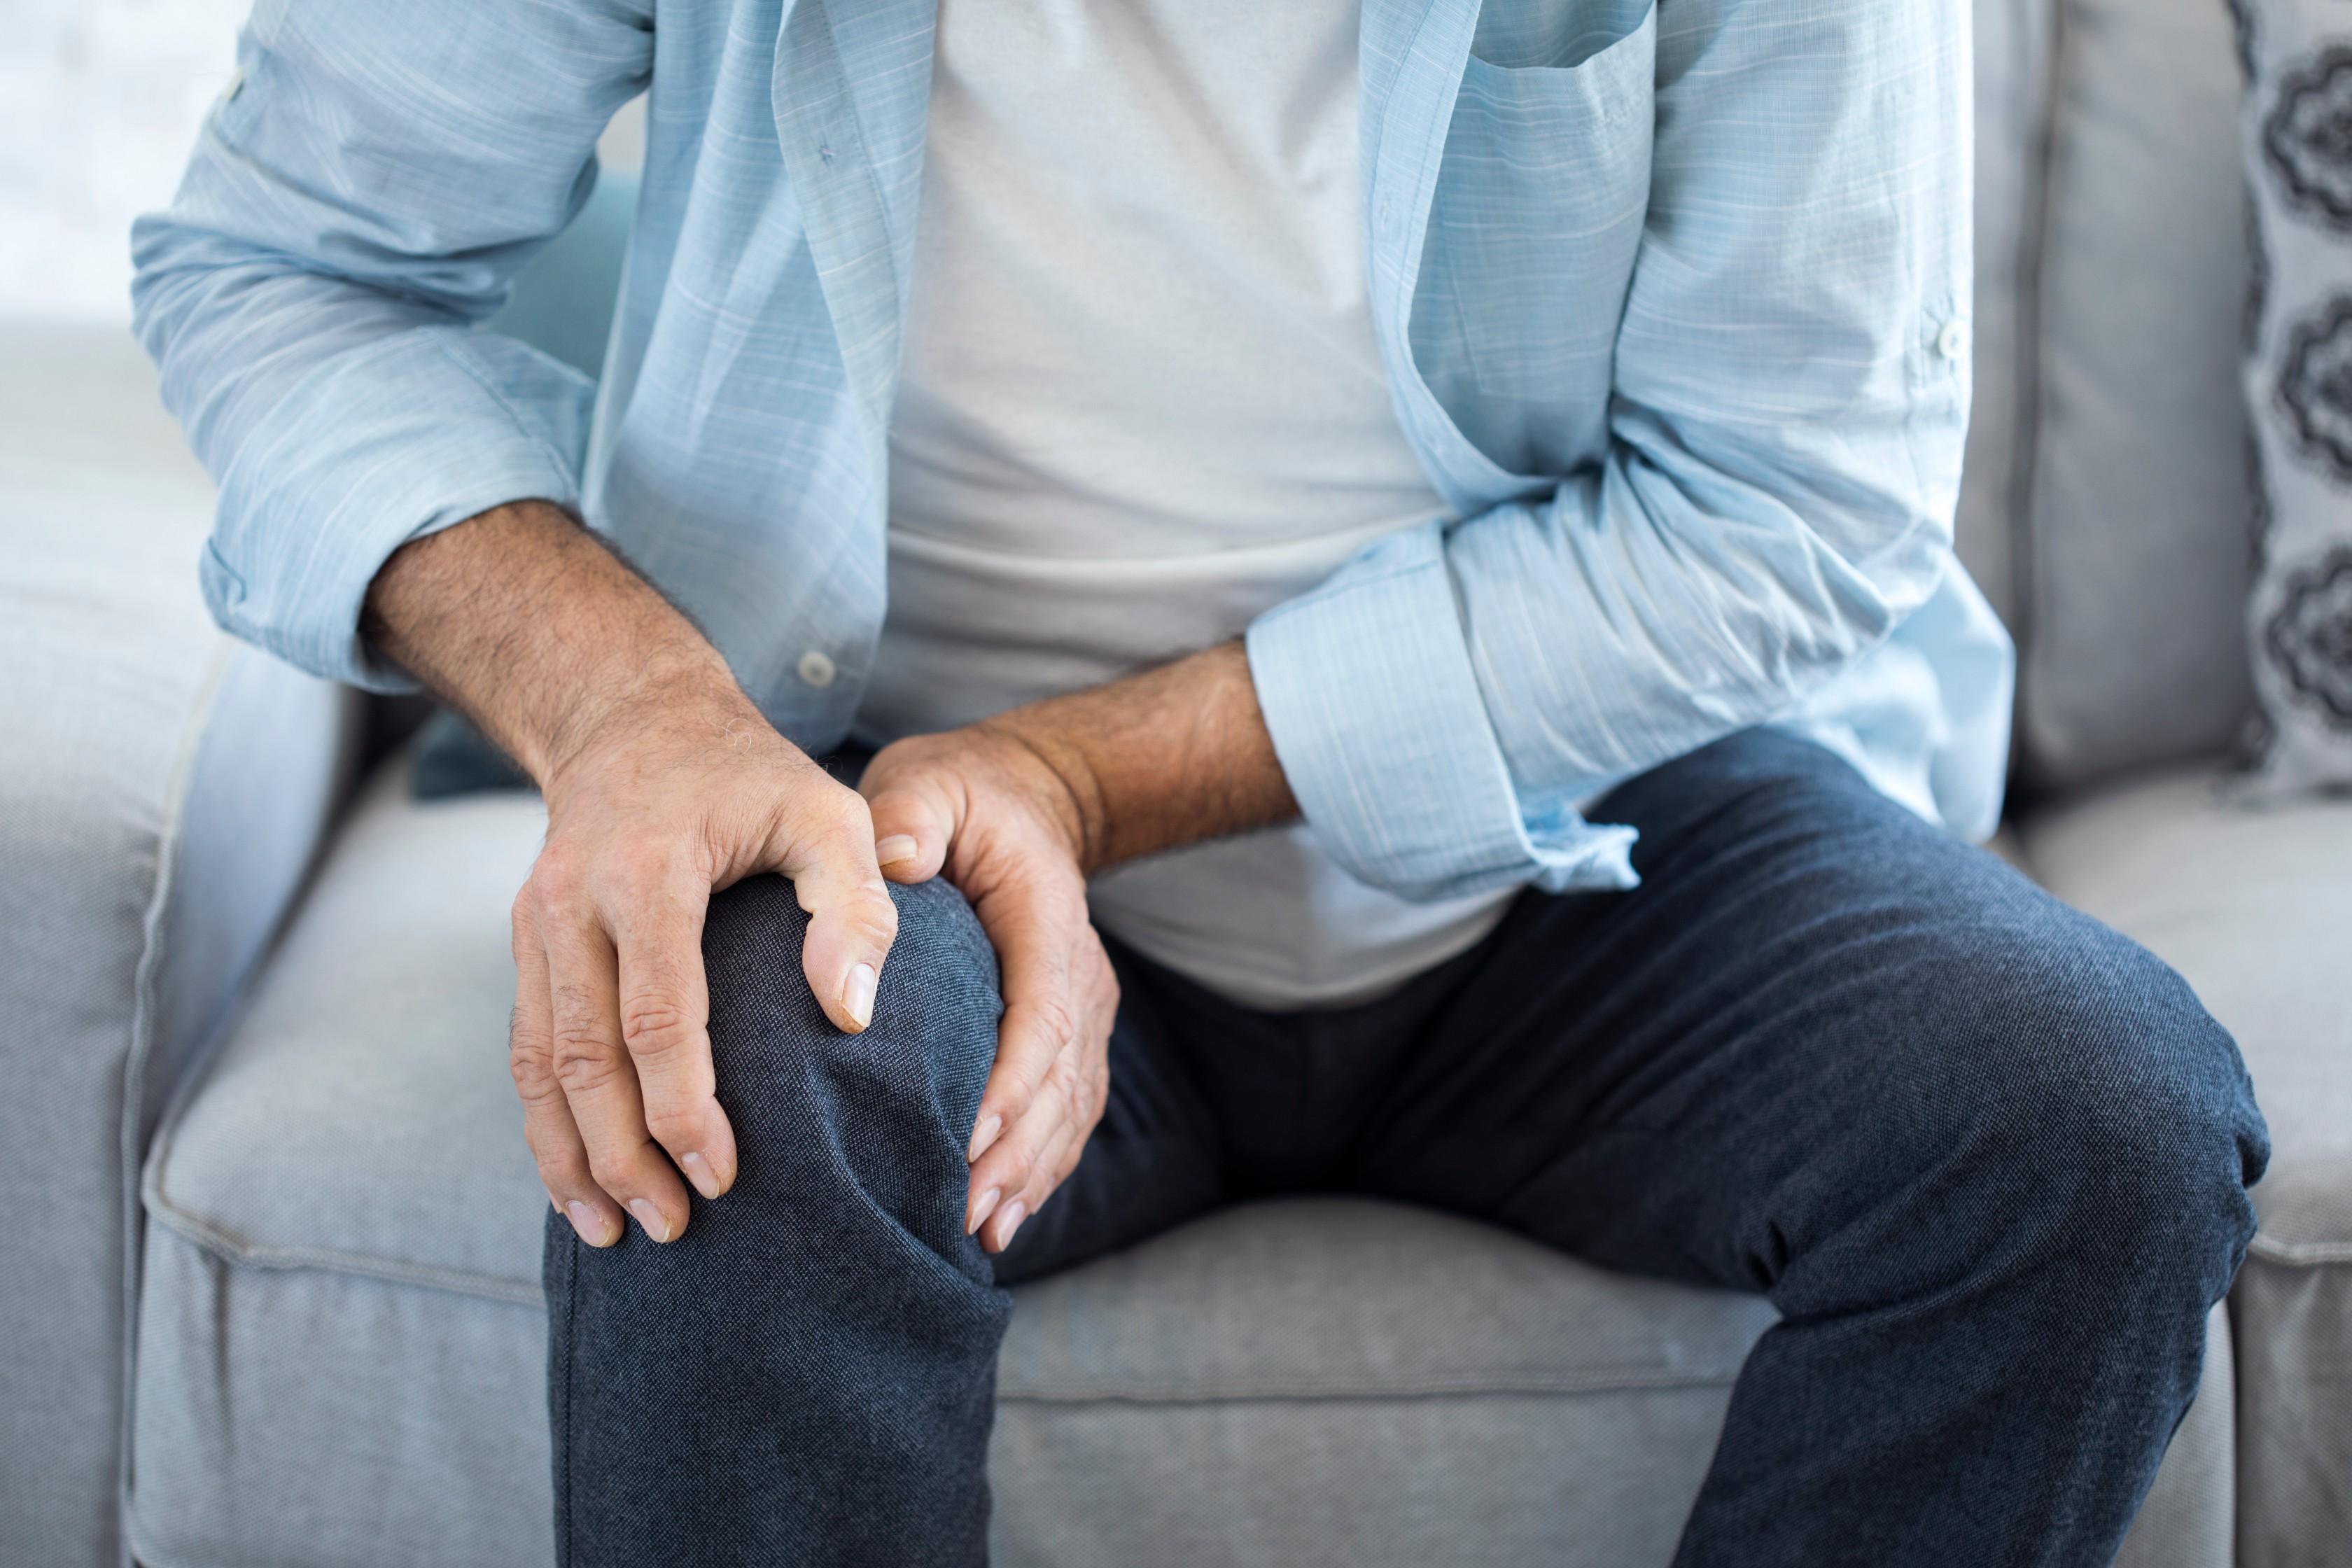 arhangelski ízületi kezelés melegítő kenőcsök és fájdalomcsillapító osteochondrosis esetén